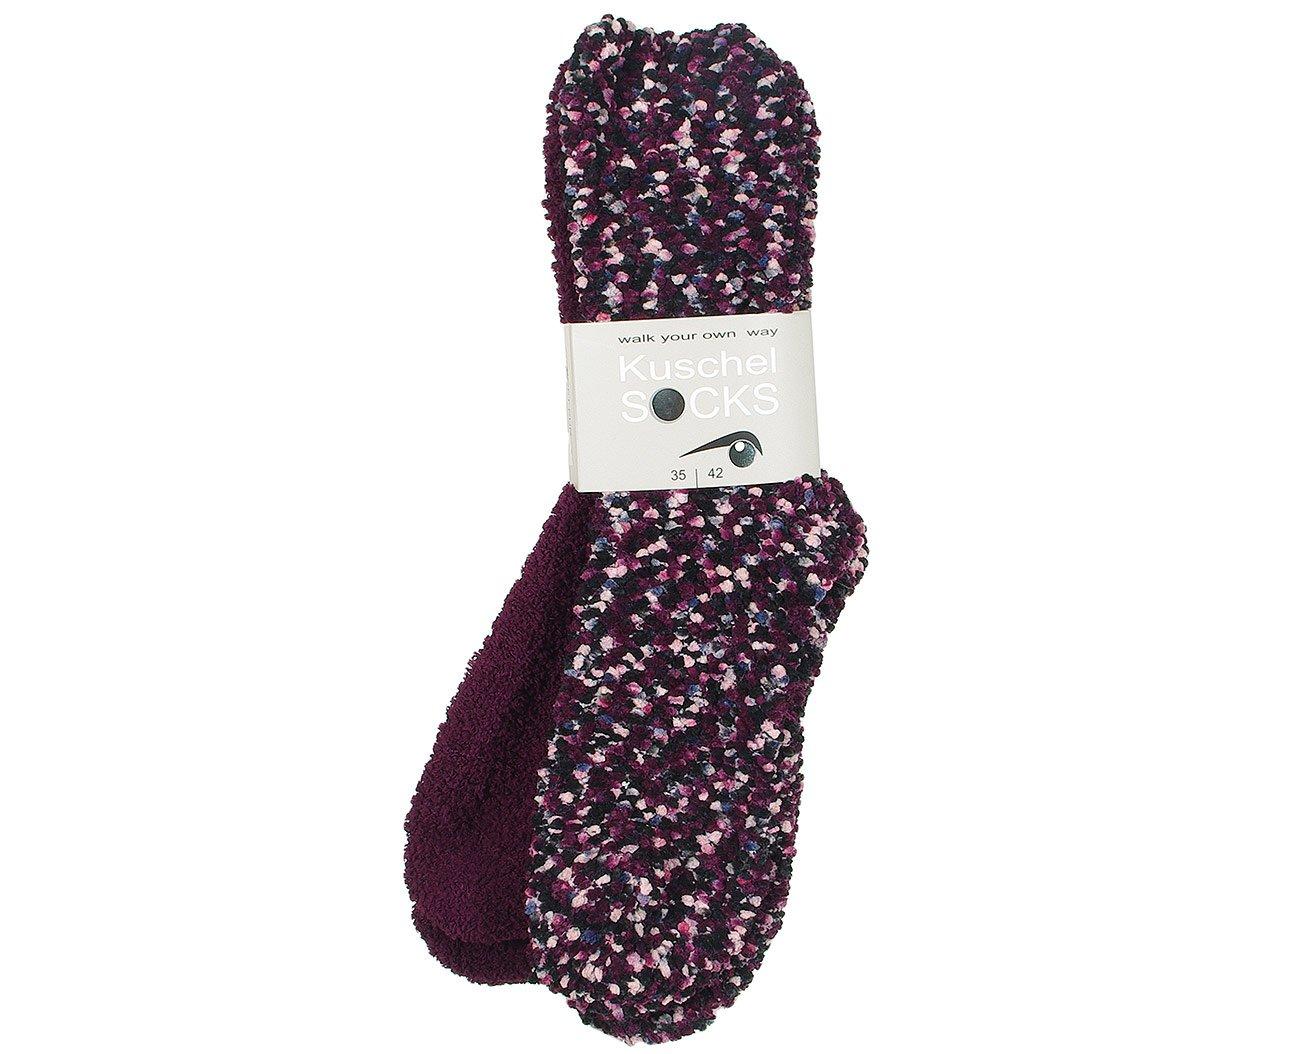 Good Socks 376706 skarpety Kuschel Socks bordo